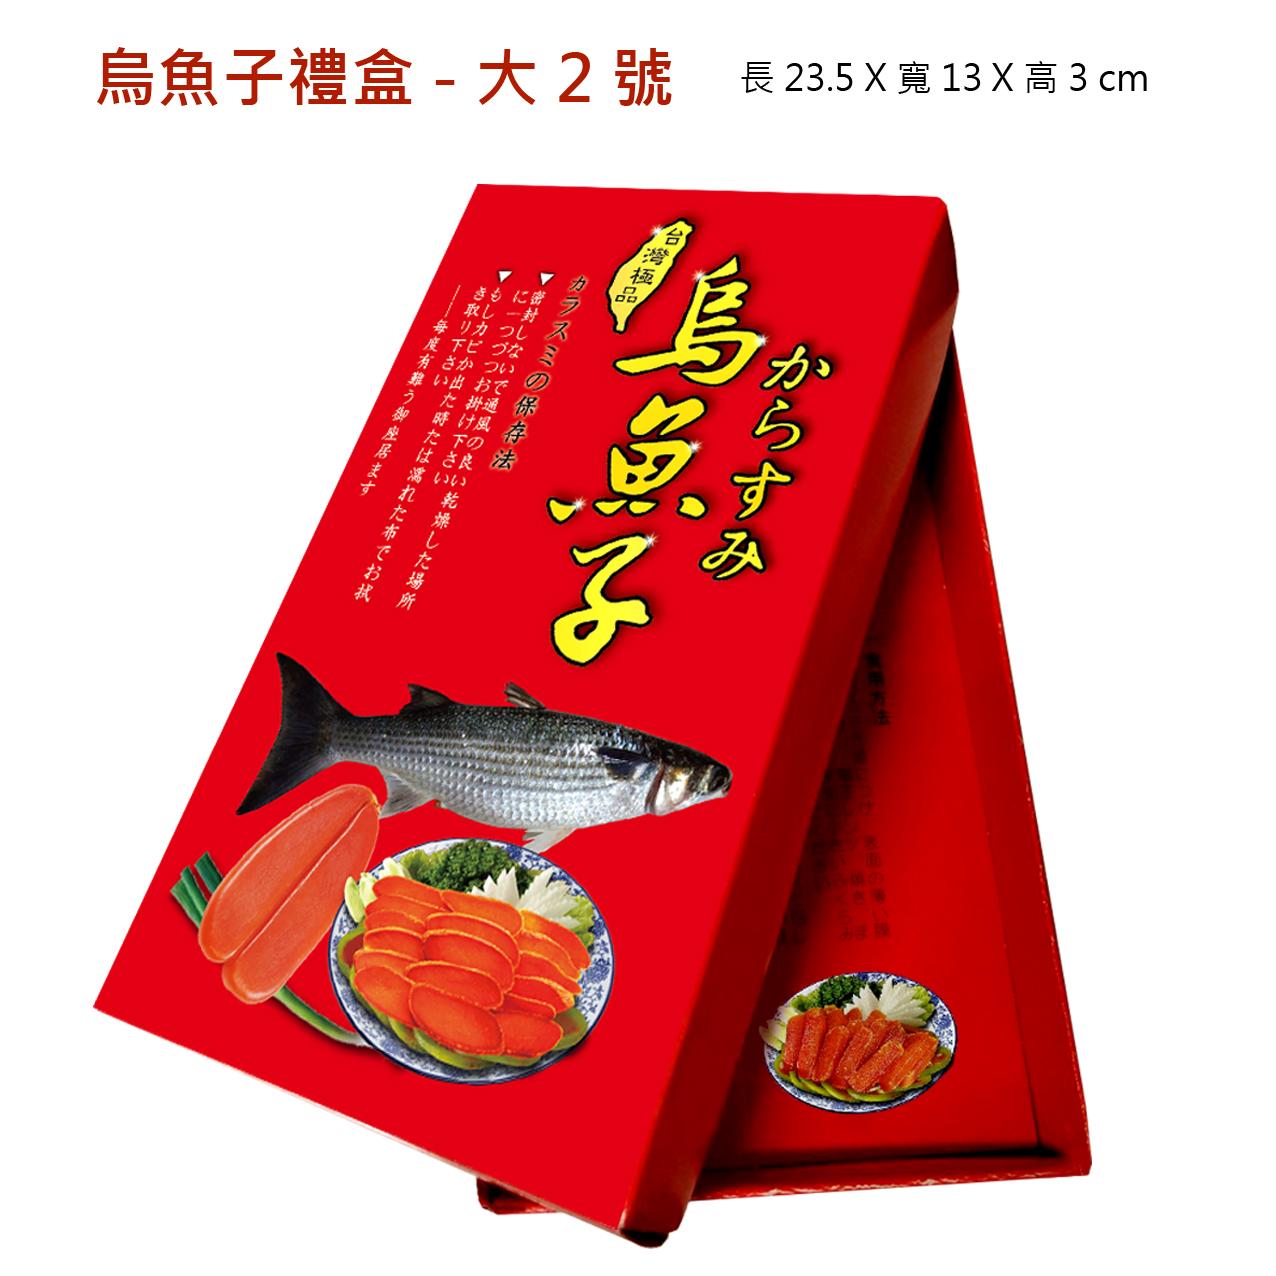 烏魚子禮盒-大2號